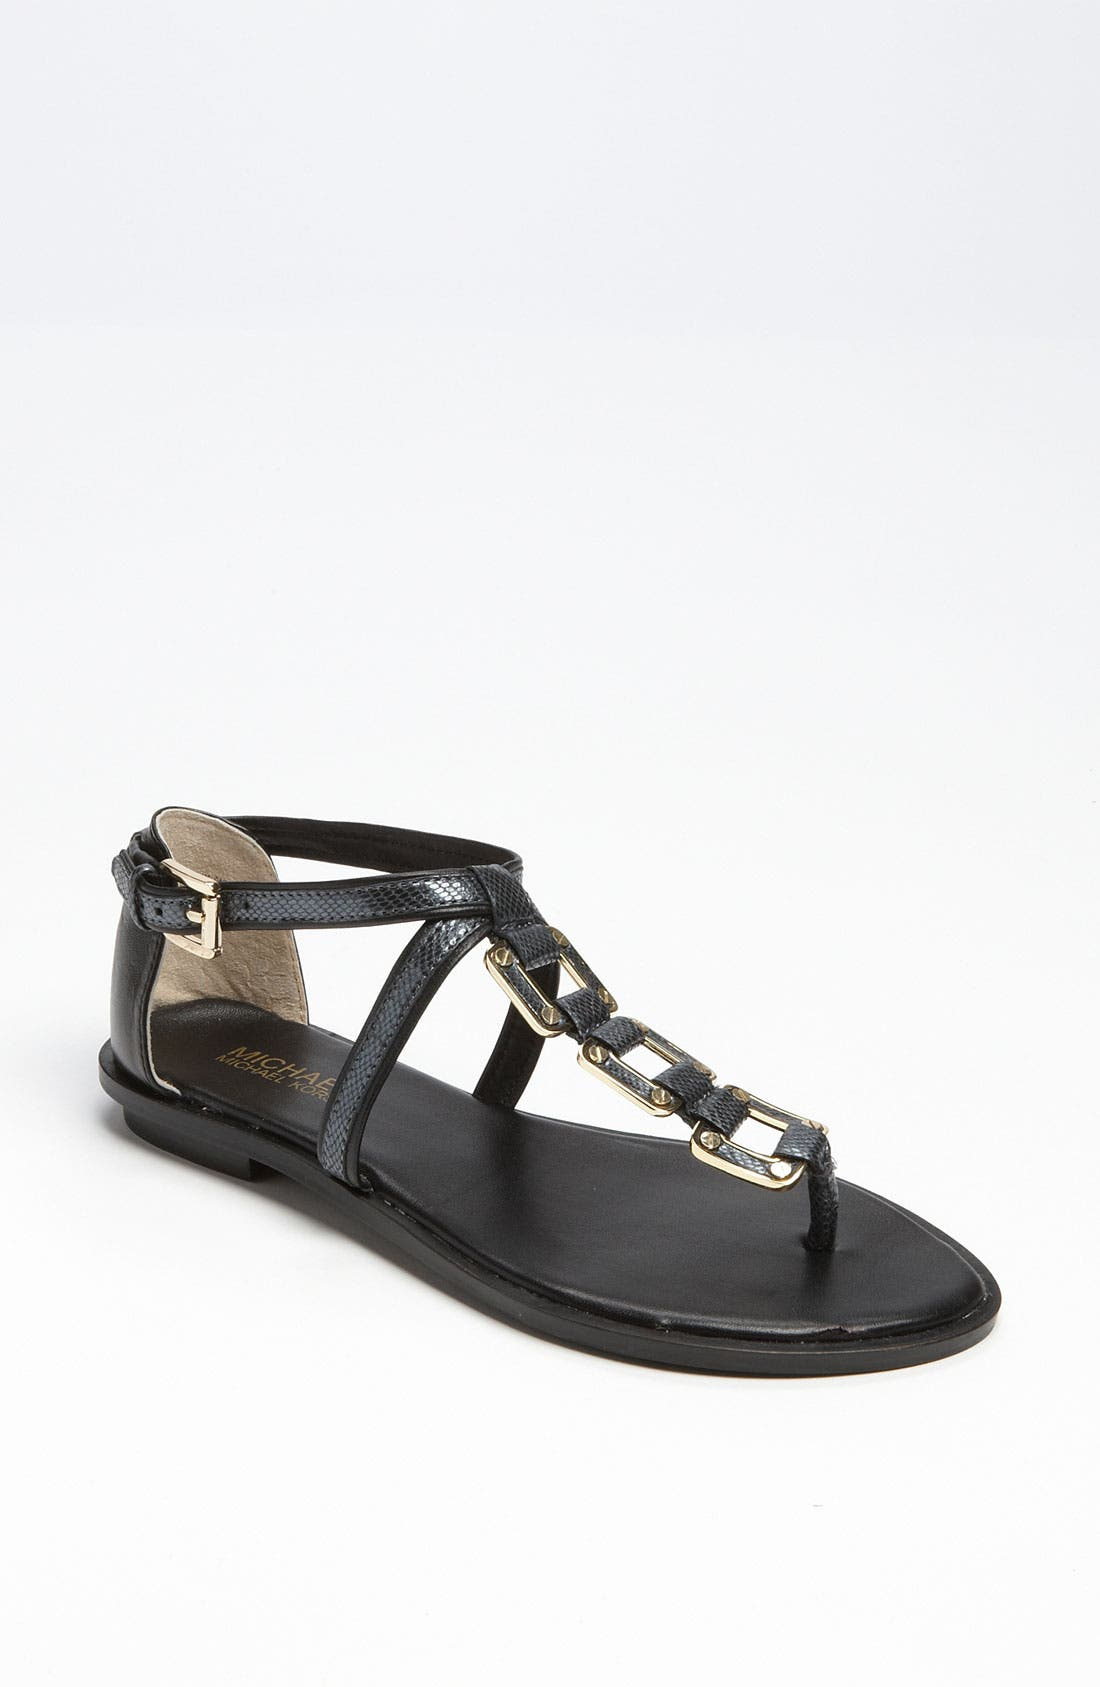 Alternate Image 1 Selected - MICHAEL Michael Kors 'Darci' Sandal